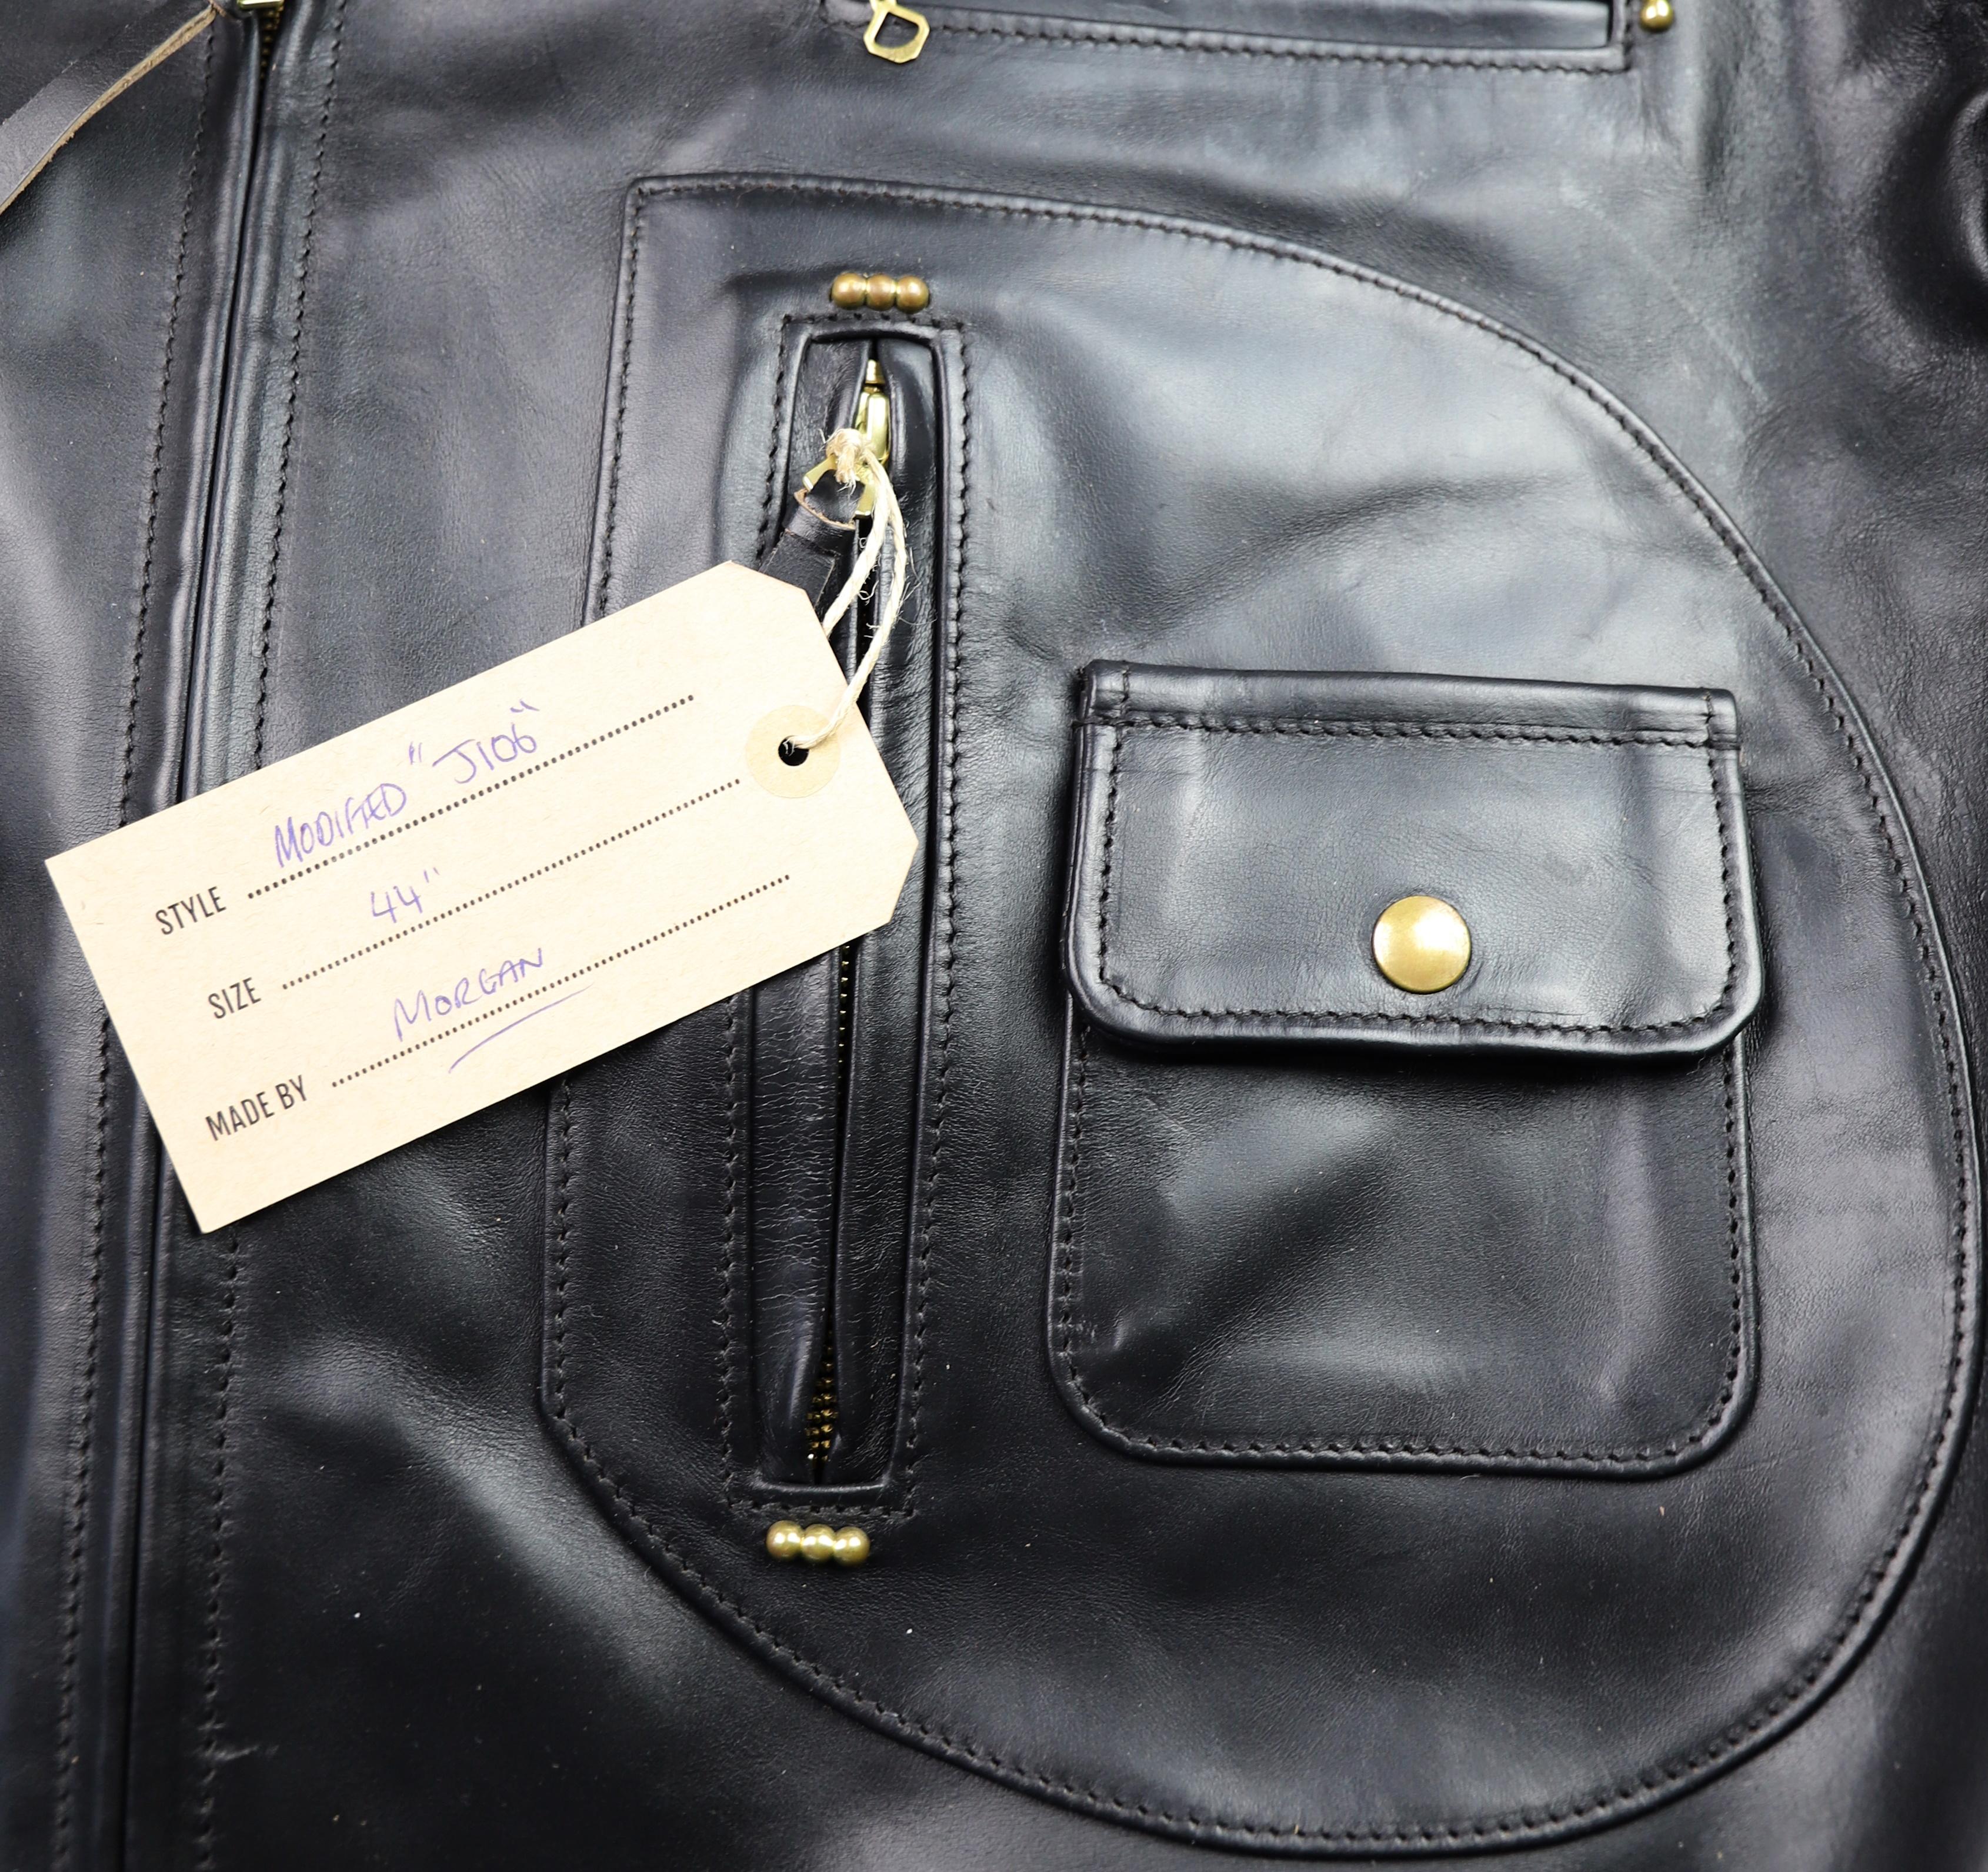 Aero J106 Black CXL FQHH RF1 name tag.jpg